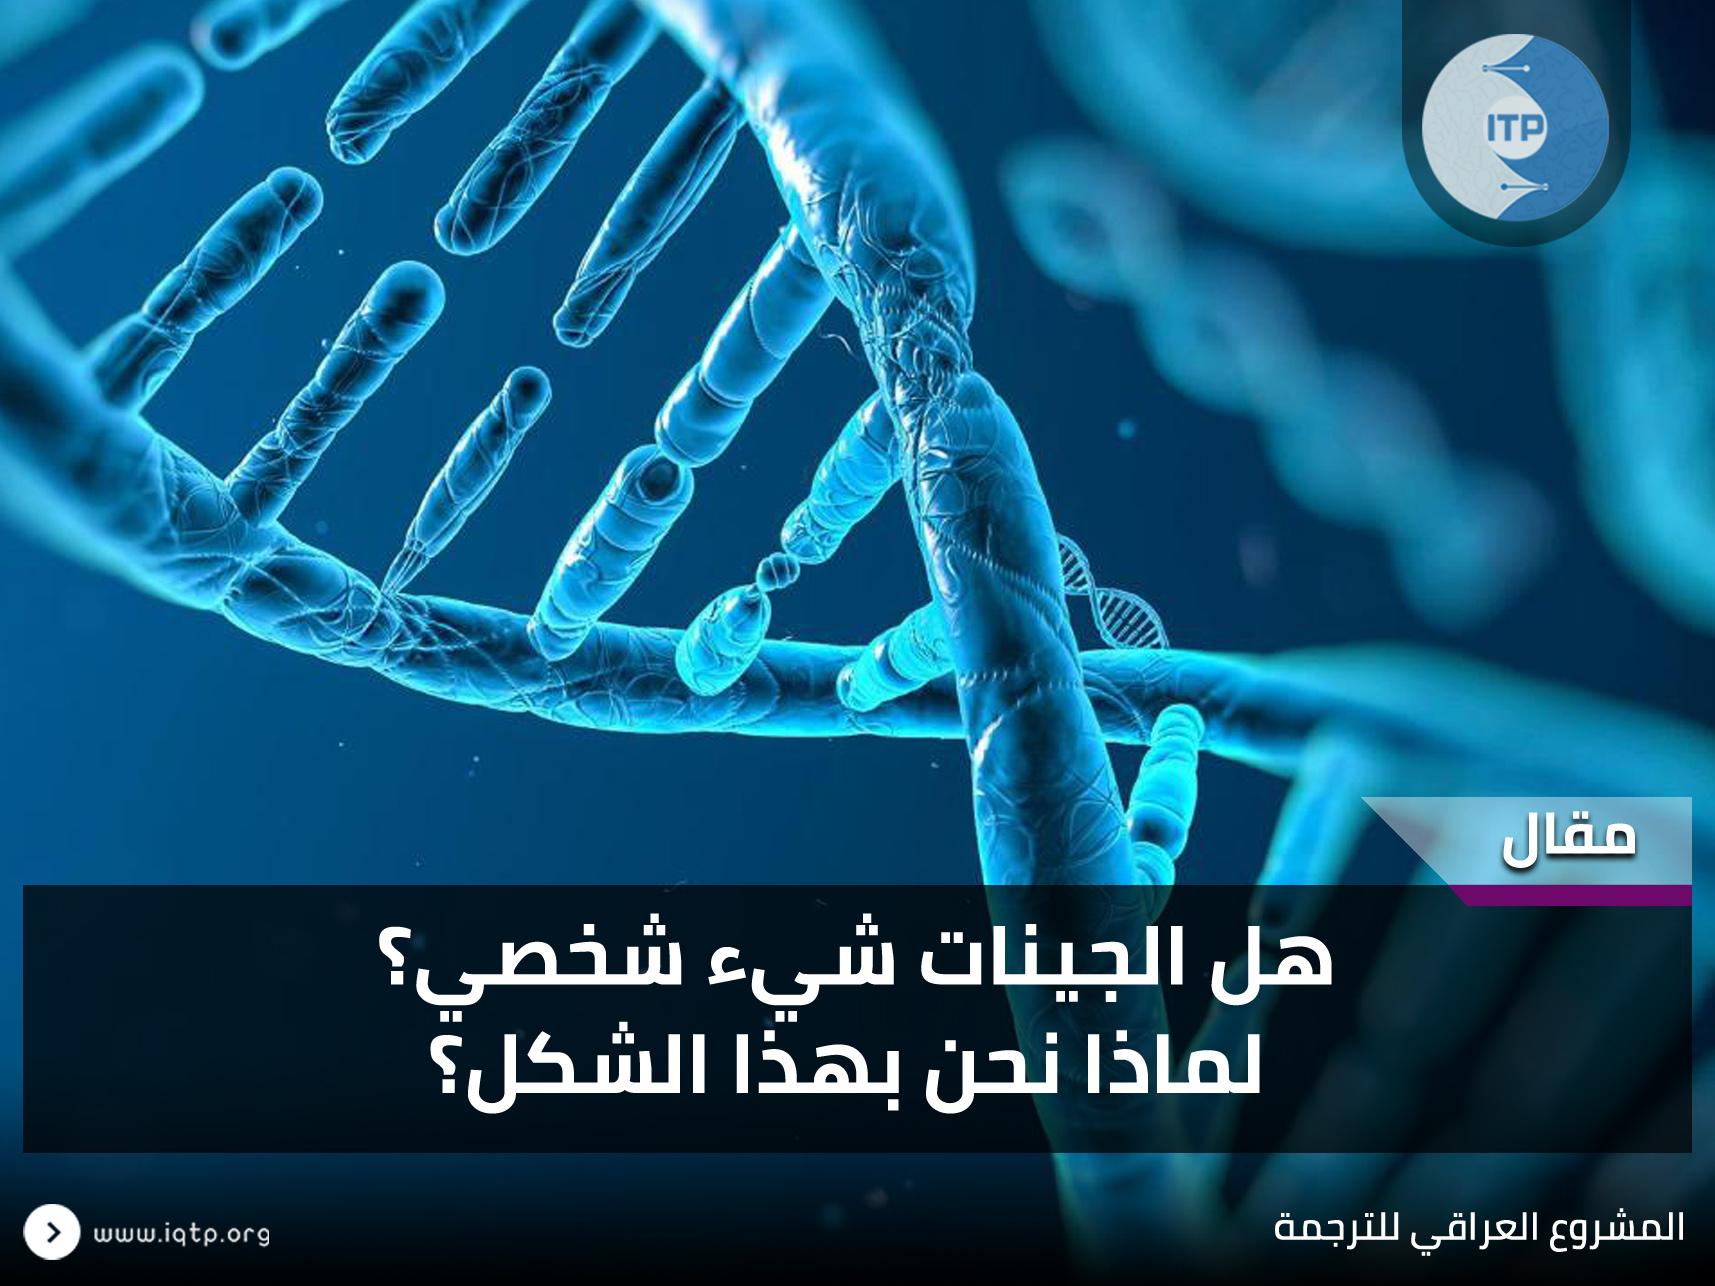 هل الجينات شيء شخصي؟بماذا نحن بهذا الشكل؟